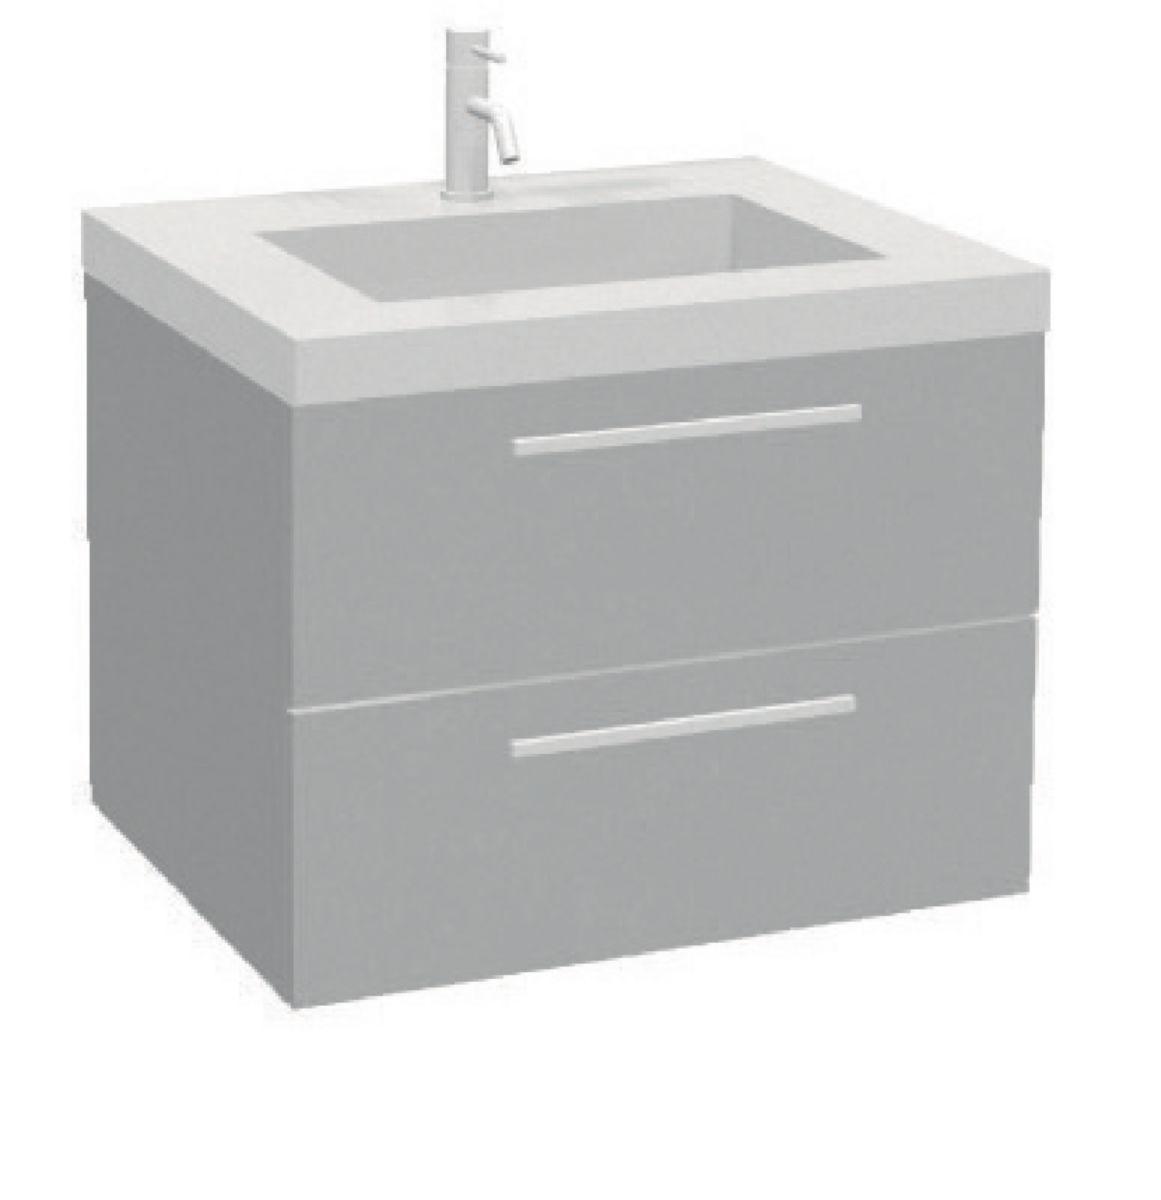 meuble sous vasque suspendu good meuble sous vasque suspendu with meuble sous vasque suspendu. Black Bedroom Furniture Sets. Home Design Ideas